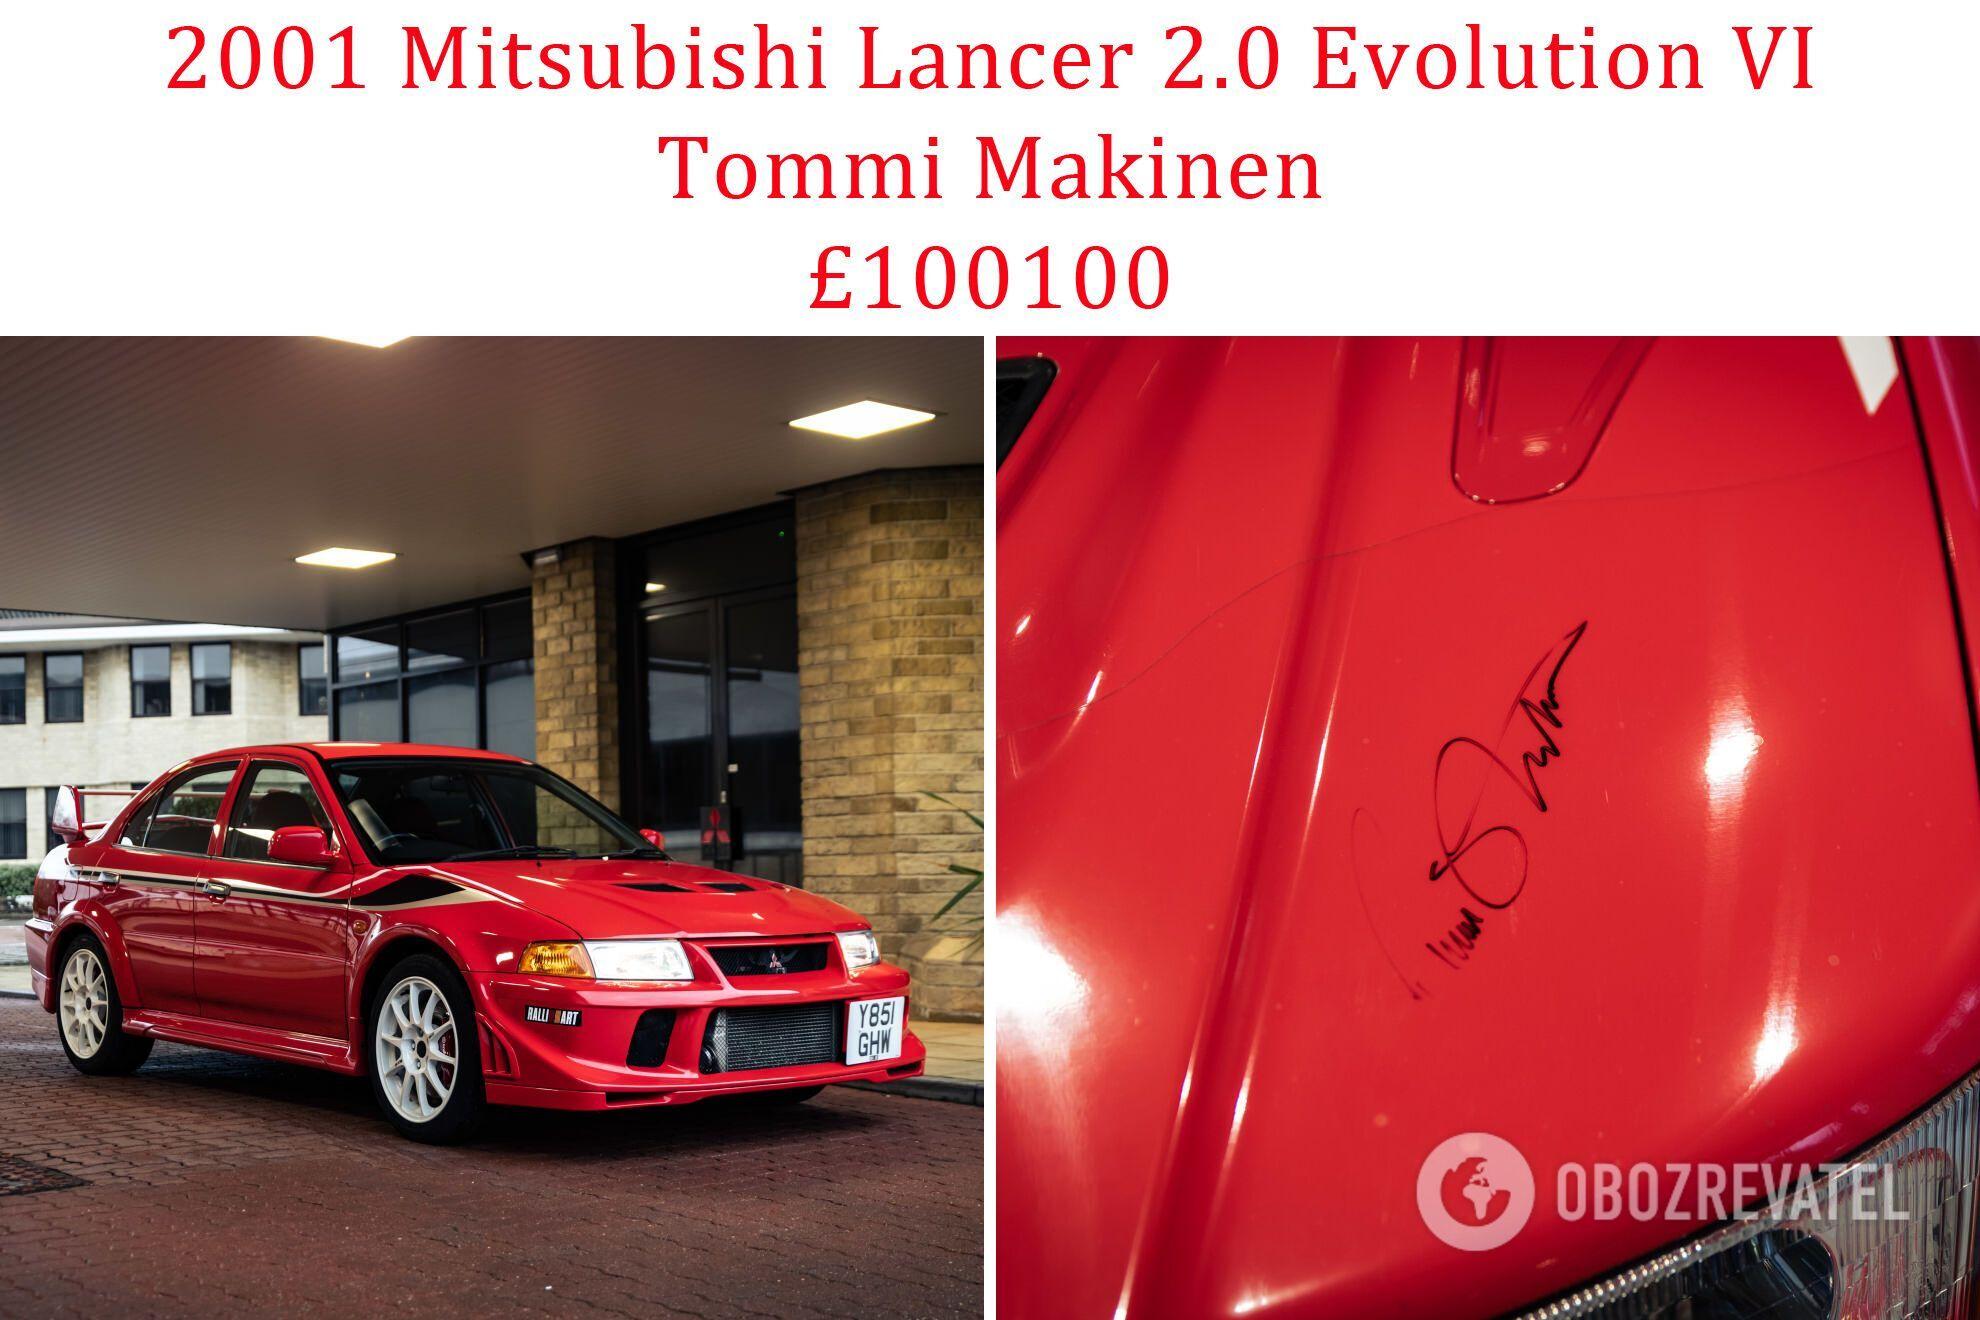 2001 Mitsubishi Lancer 2.0 Evolution VI Tommi Makinen